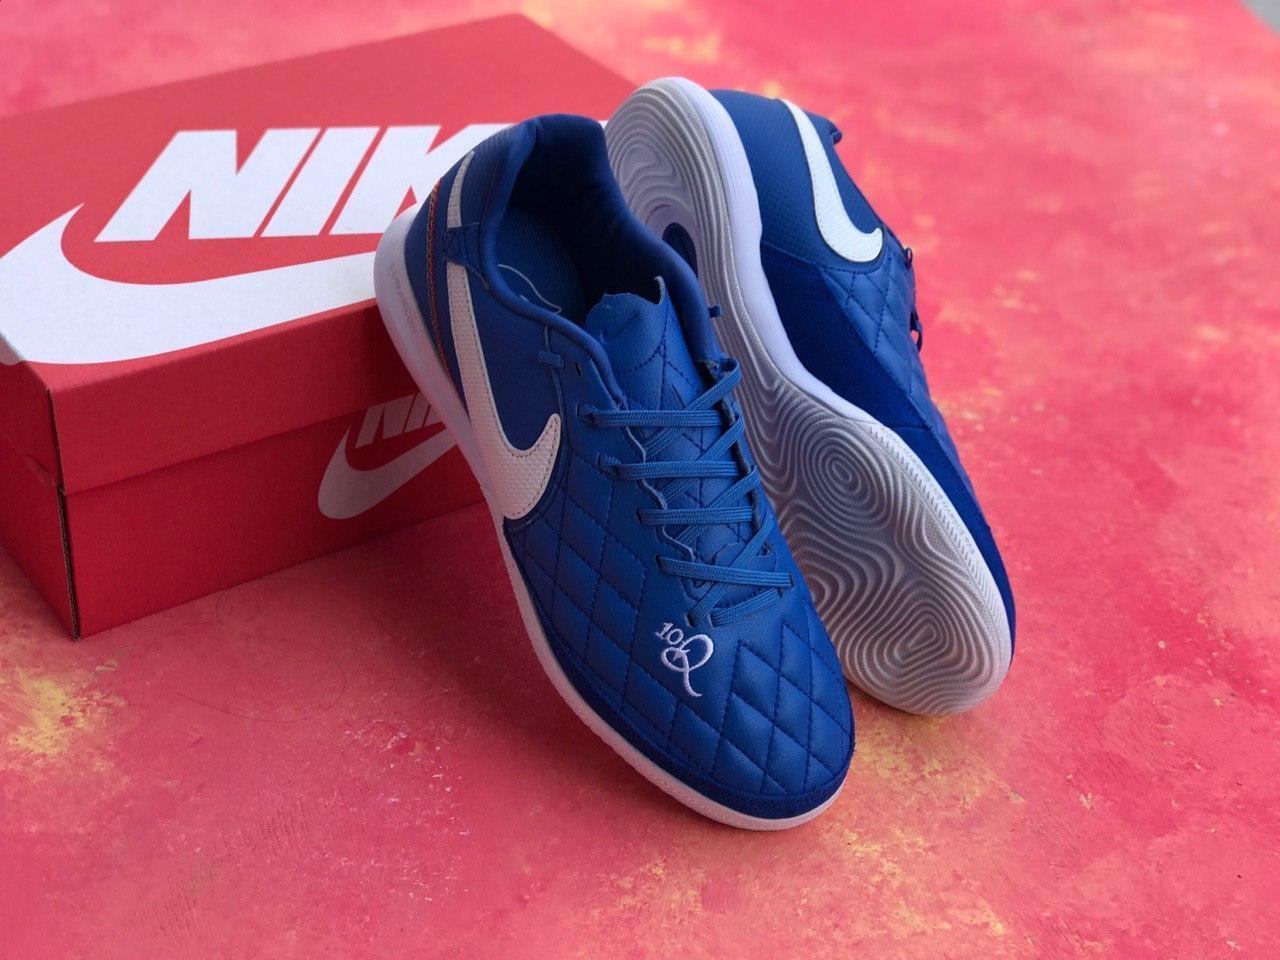 Футзалки Nike Tiempo Lunar Legend VII 10R IC  / бампы найк темпо/футбольная обувь синие